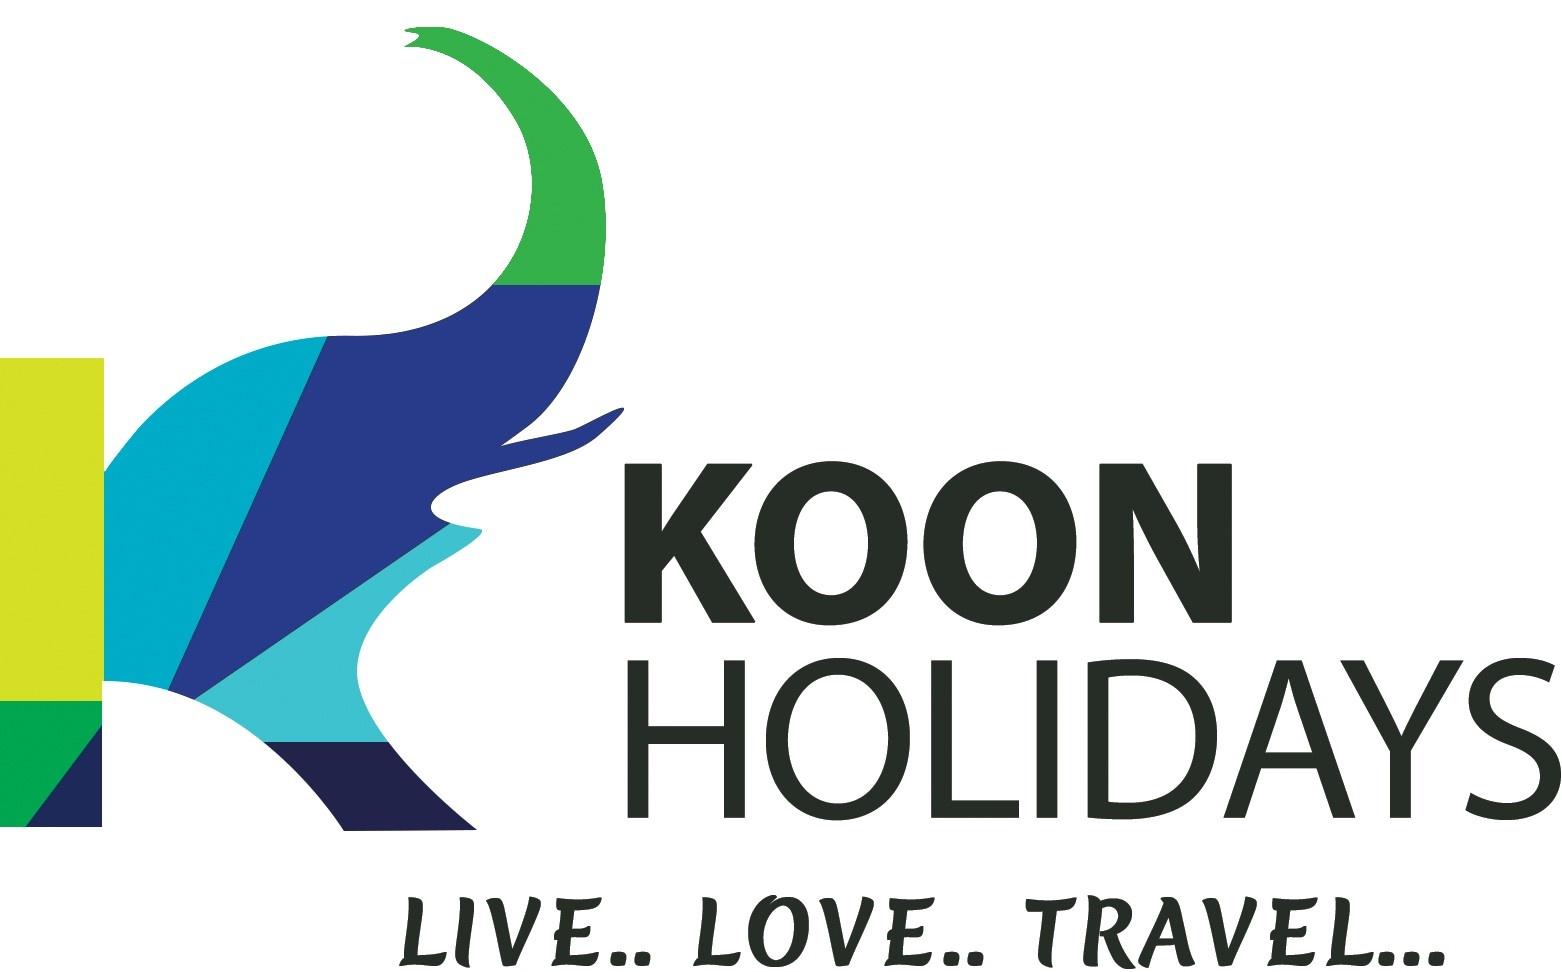 Koon Holidays